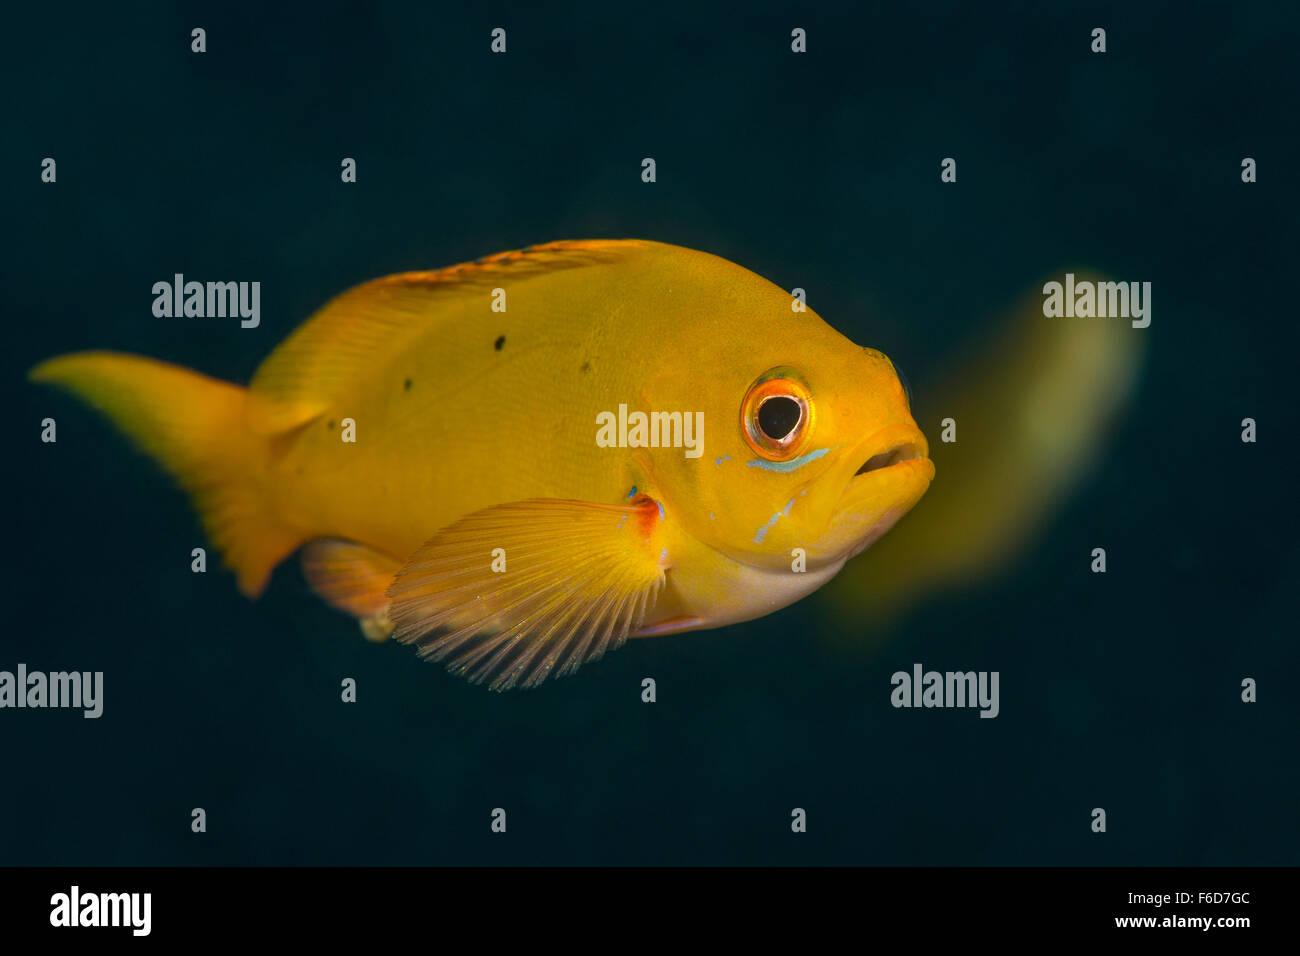 Creolefish du Pacifique juvéniles, Paranthias colonus, La Paz, Baja California Sur, Mexique Photo Stock